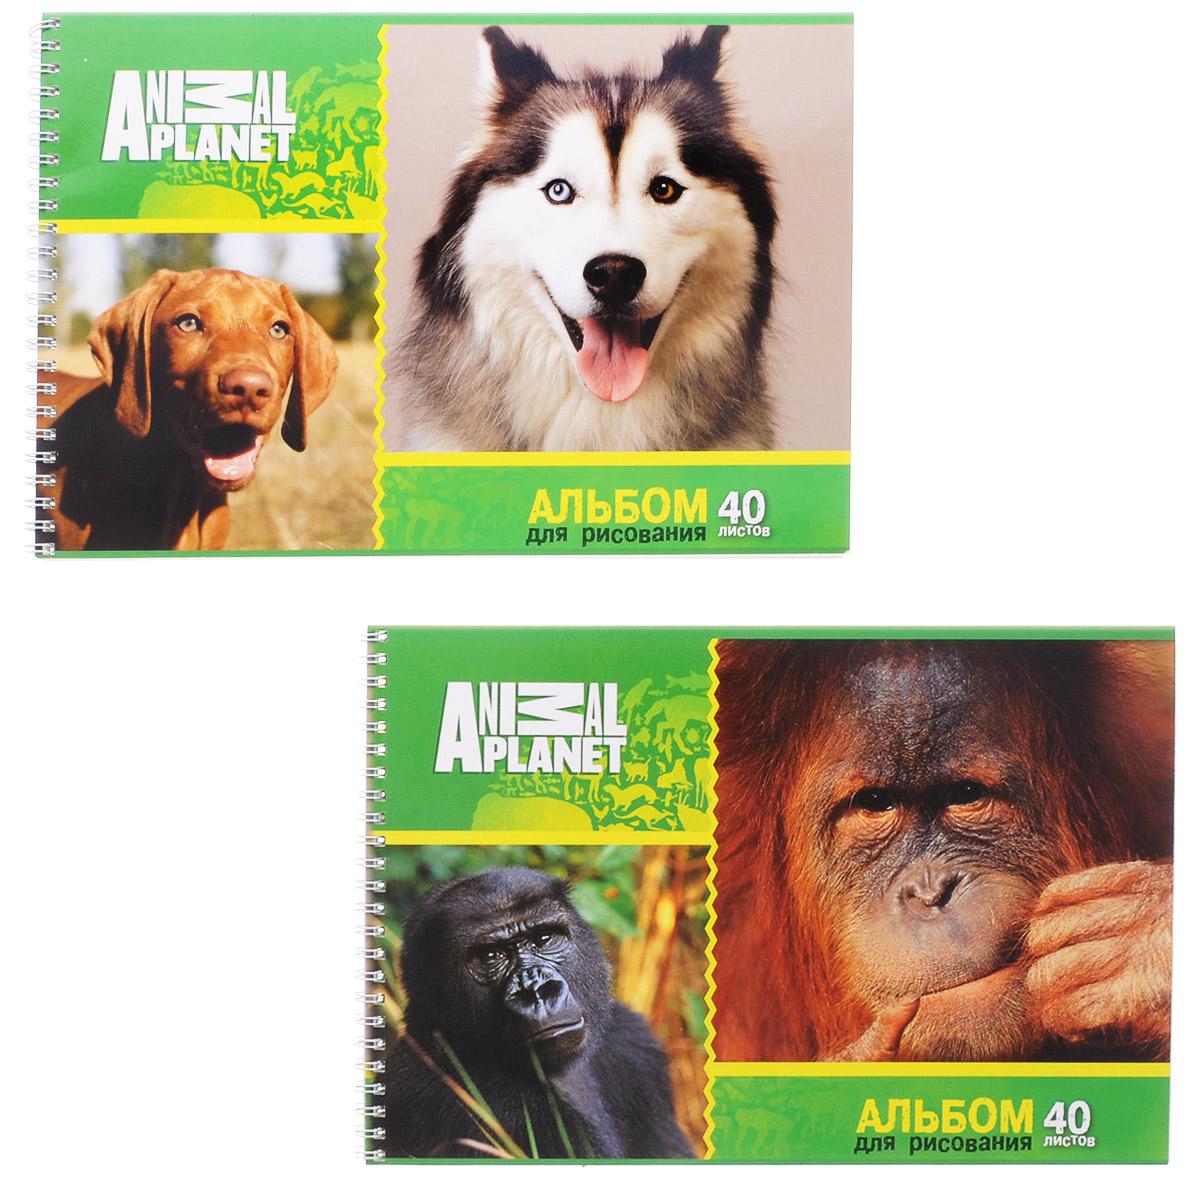 Action! Набор альбомов для рисования Собаки и обезьяны 40 листов 2 шт0703415Альбом для рисования Action! Собаки и обезьяны порадует маленького художника и вдохновит его на творчество. Альбом изготовлен из белоснежной бумаги с яркой обложкой из плотного картона. Внутренний блок альбома на гребне. Один альбом содержит 40 листов. В набор входят два альбома.